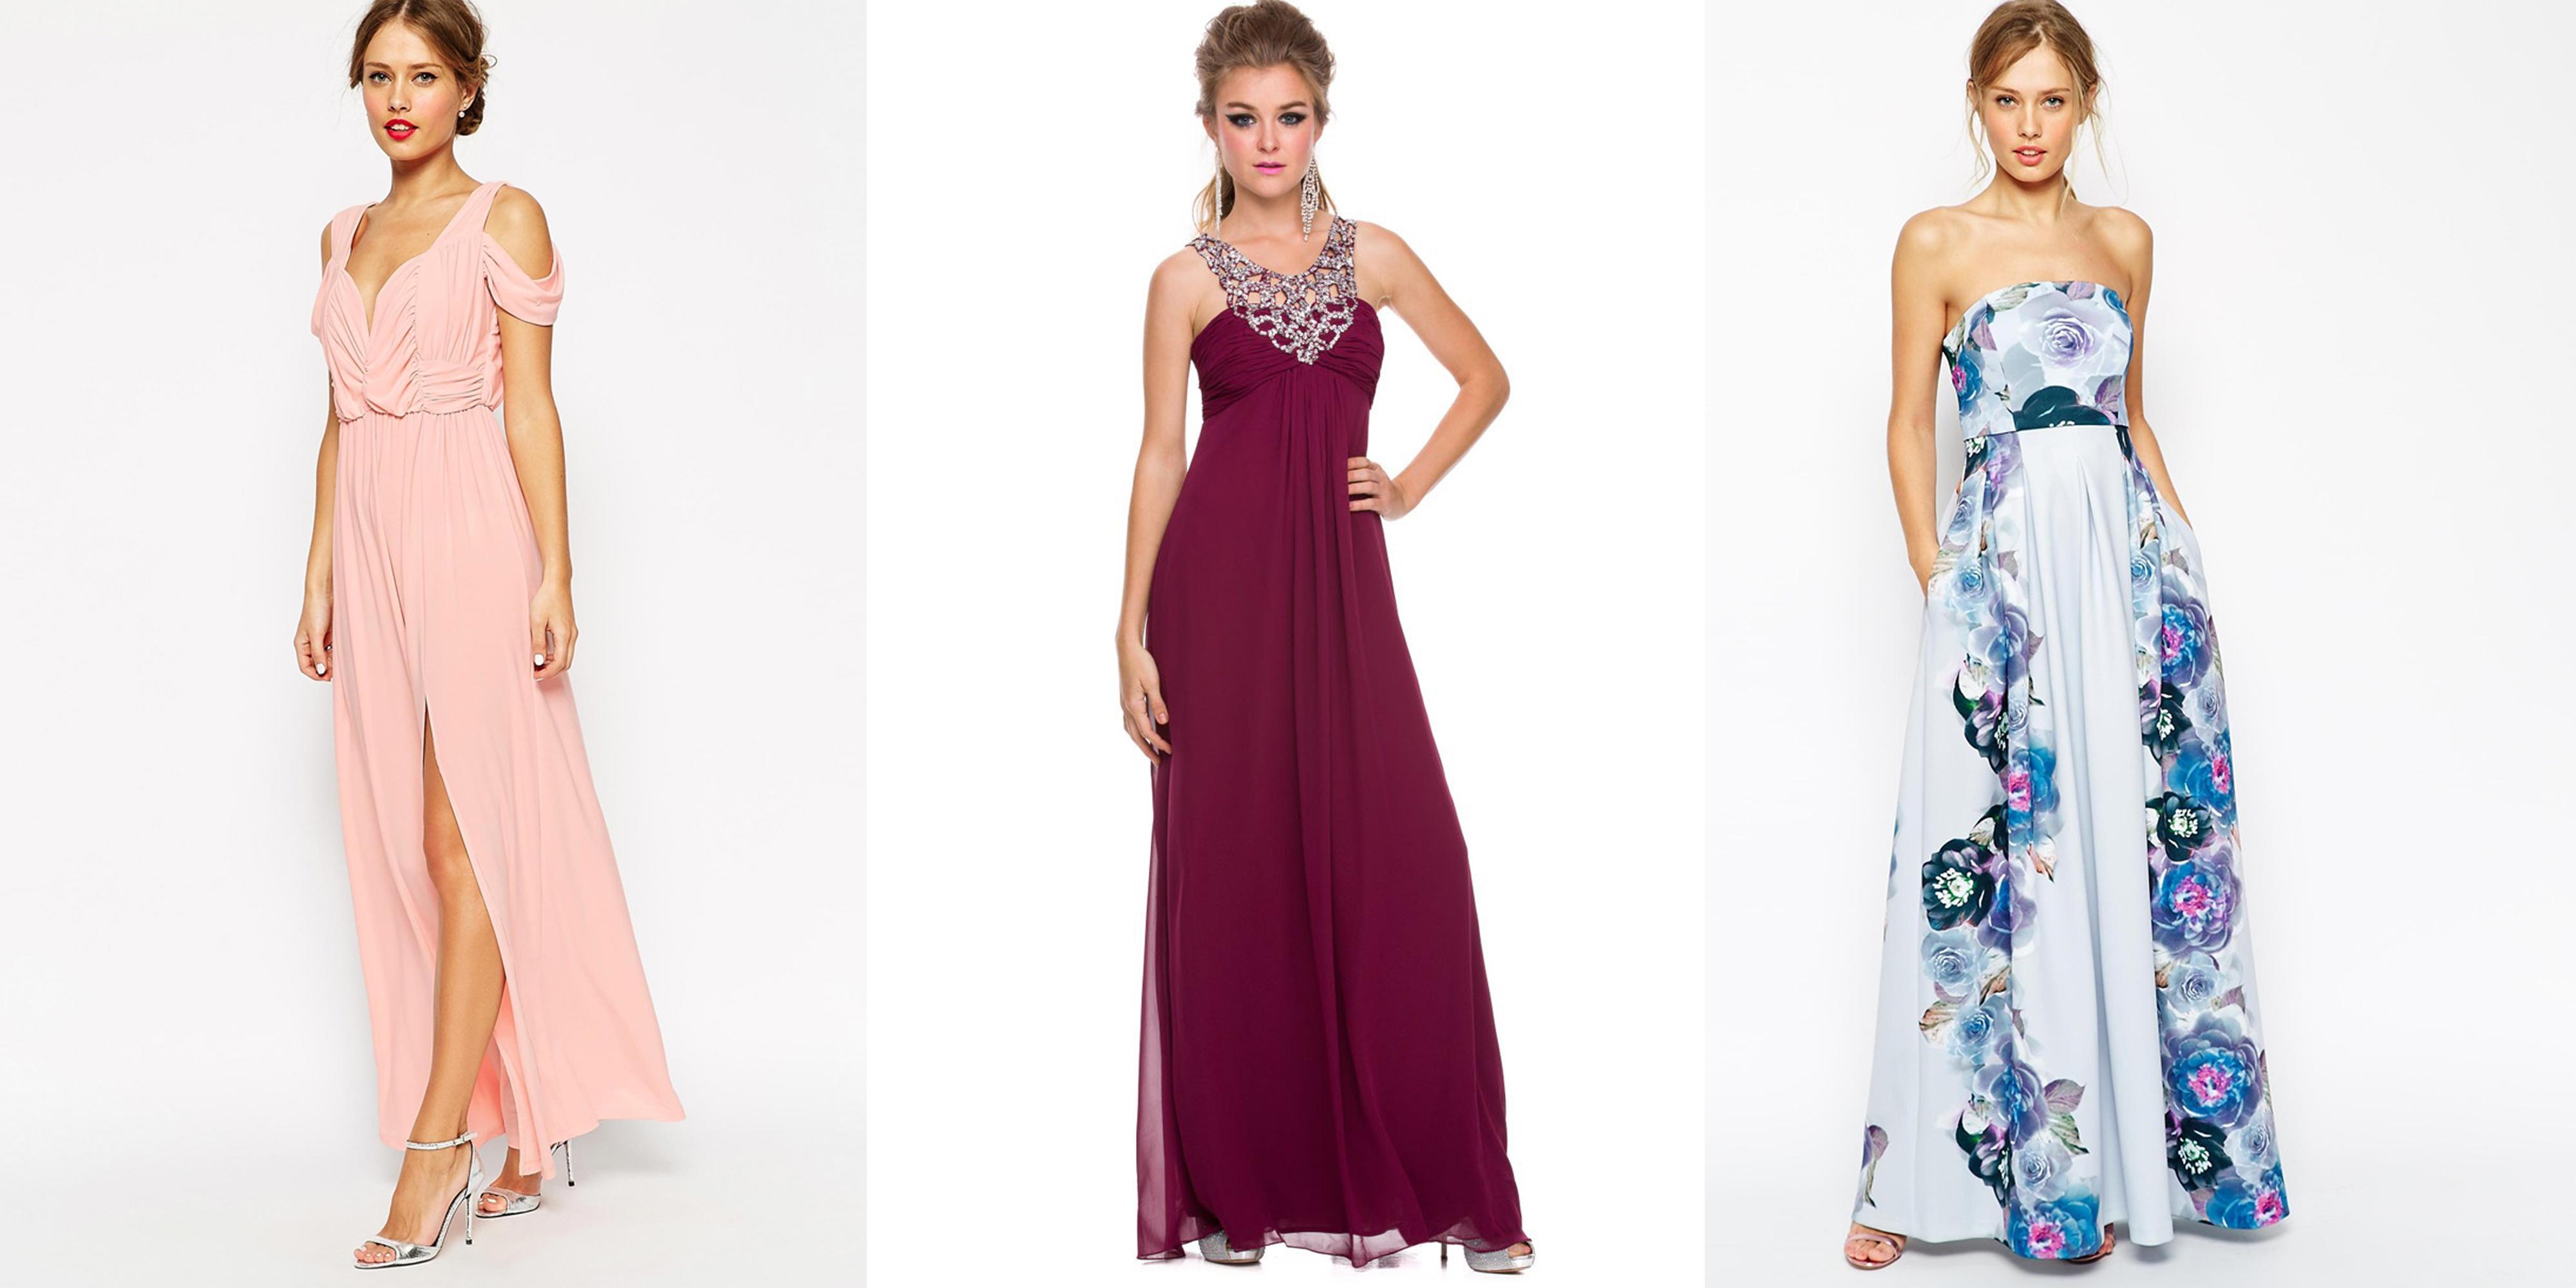 30 vintage prom dresses 2016 best vintage formal dresses